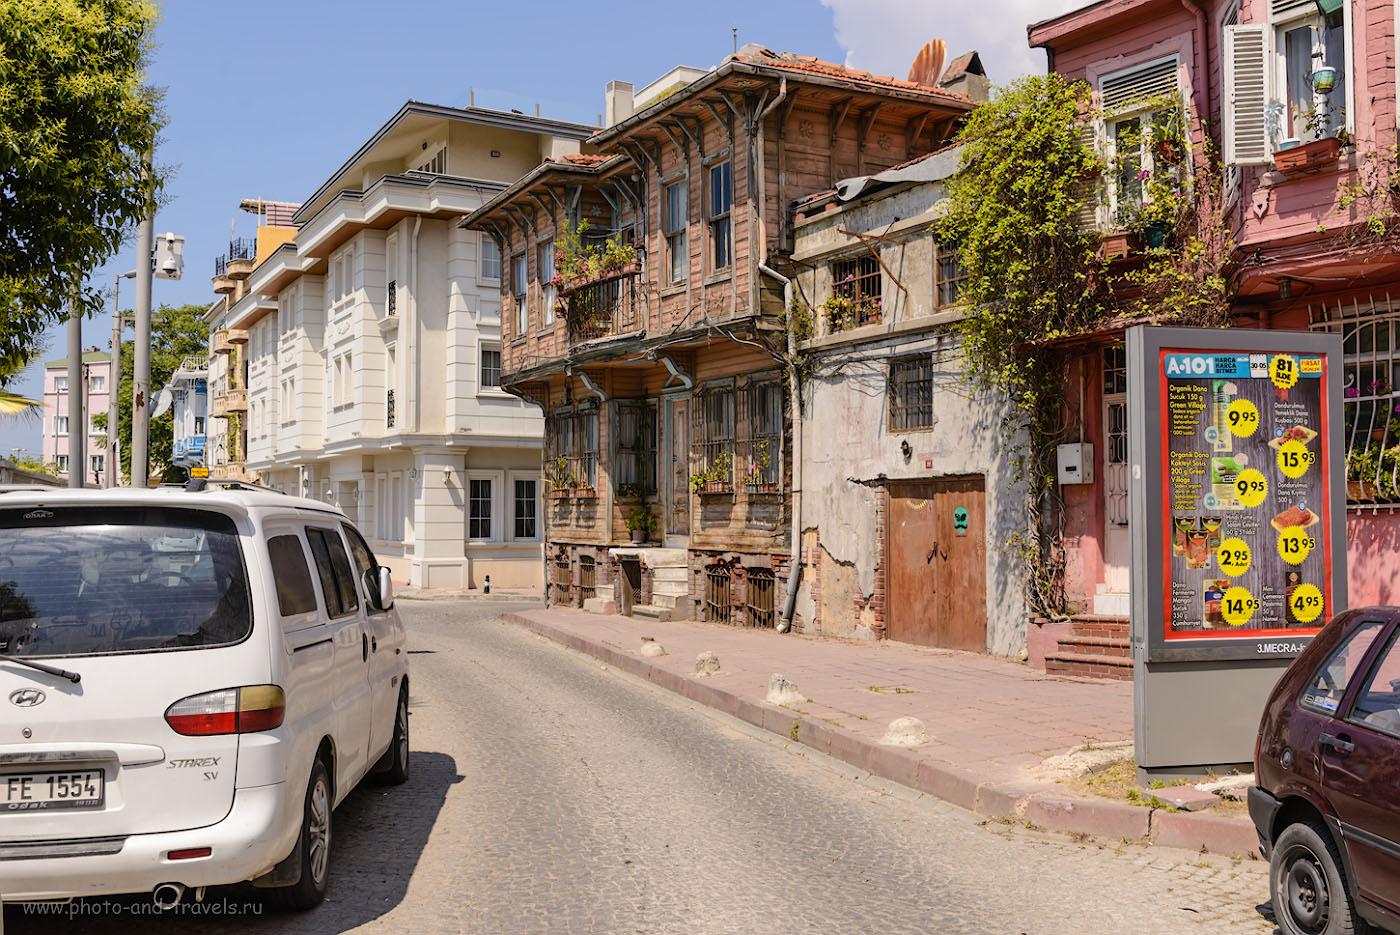 Фото 7. Старое и новое на улицах Стамбула. Рассказы о поездках в Турцию. 1/640, 8.0, 200, 32.